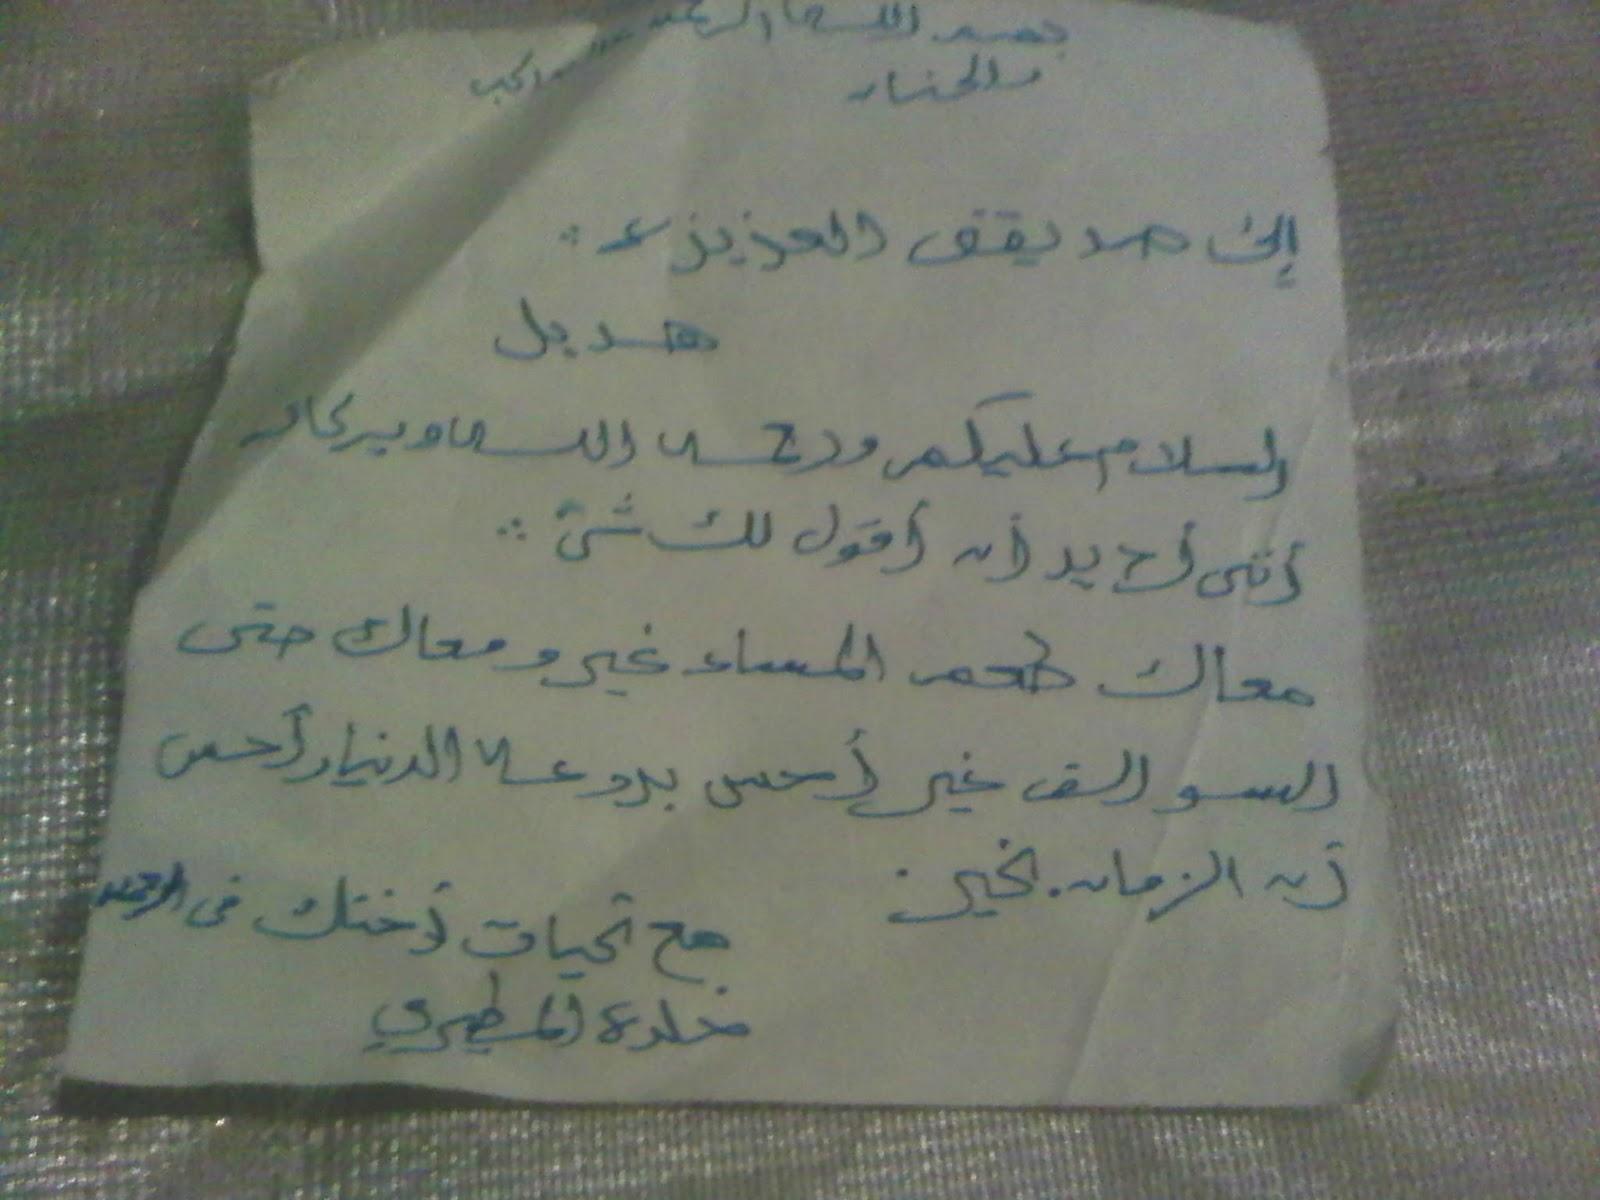 بالصور كتابة رسالة الى صديقتي في المدرسة , رساله الي صديقة طفولتي و مدرستي 952 9